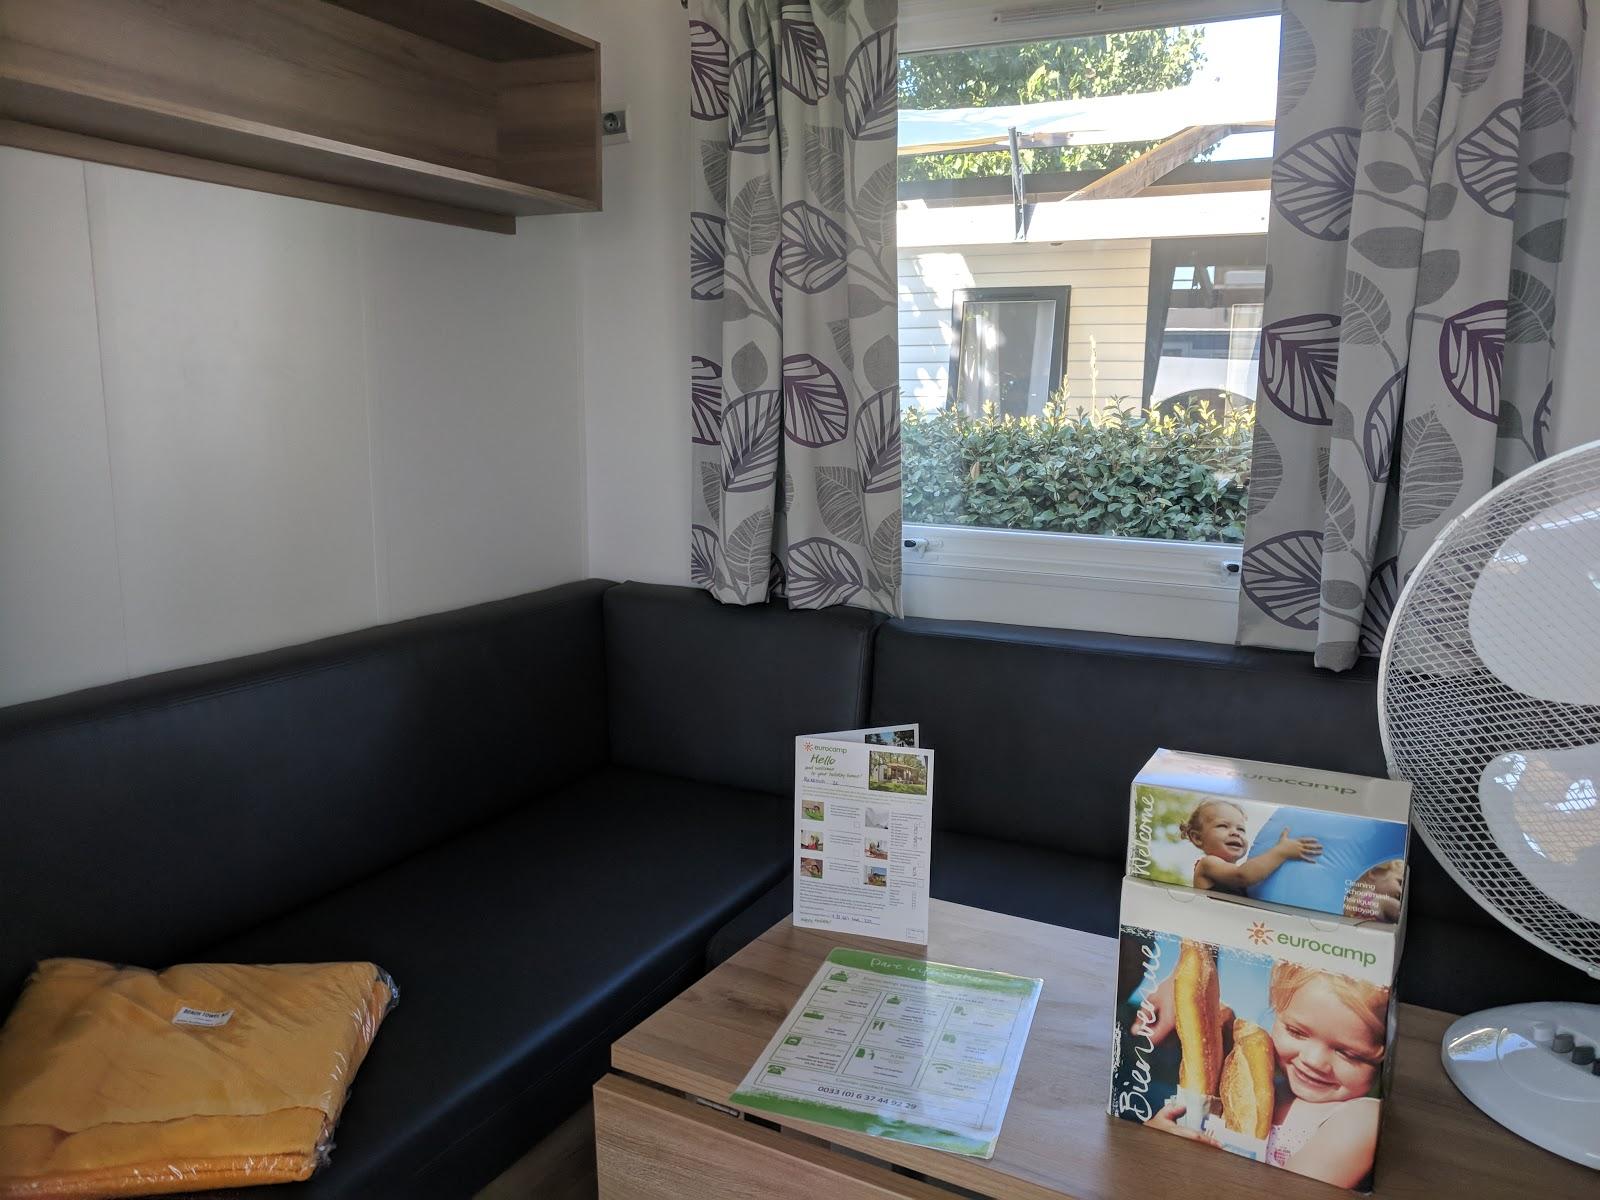 Les Ecureuils Campsite, Vendee - A Eurocamp Site near Puy du Fou (Full Review) - avant lodge living room